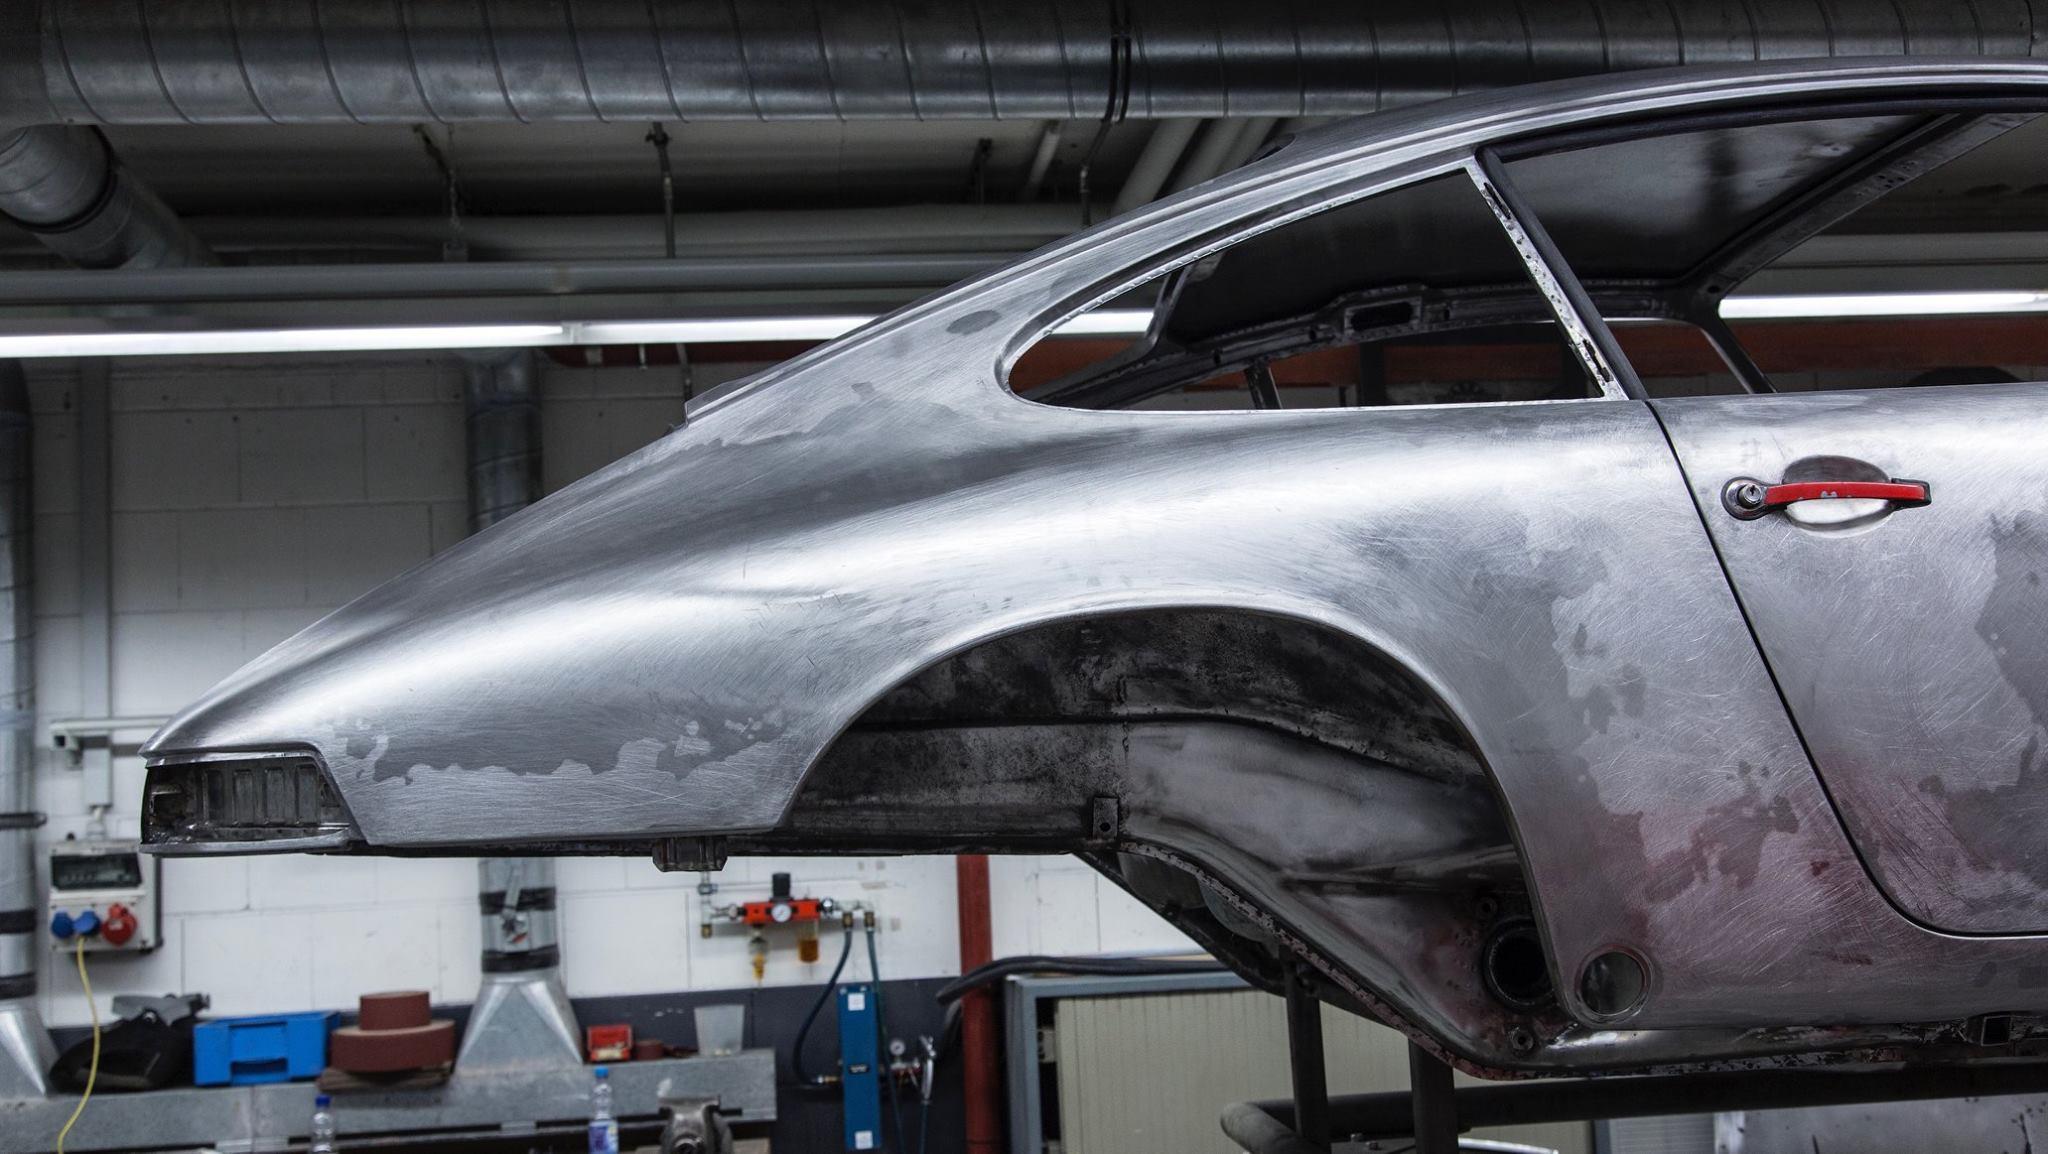 Porsche 901 911 restoration porsche museum (11)